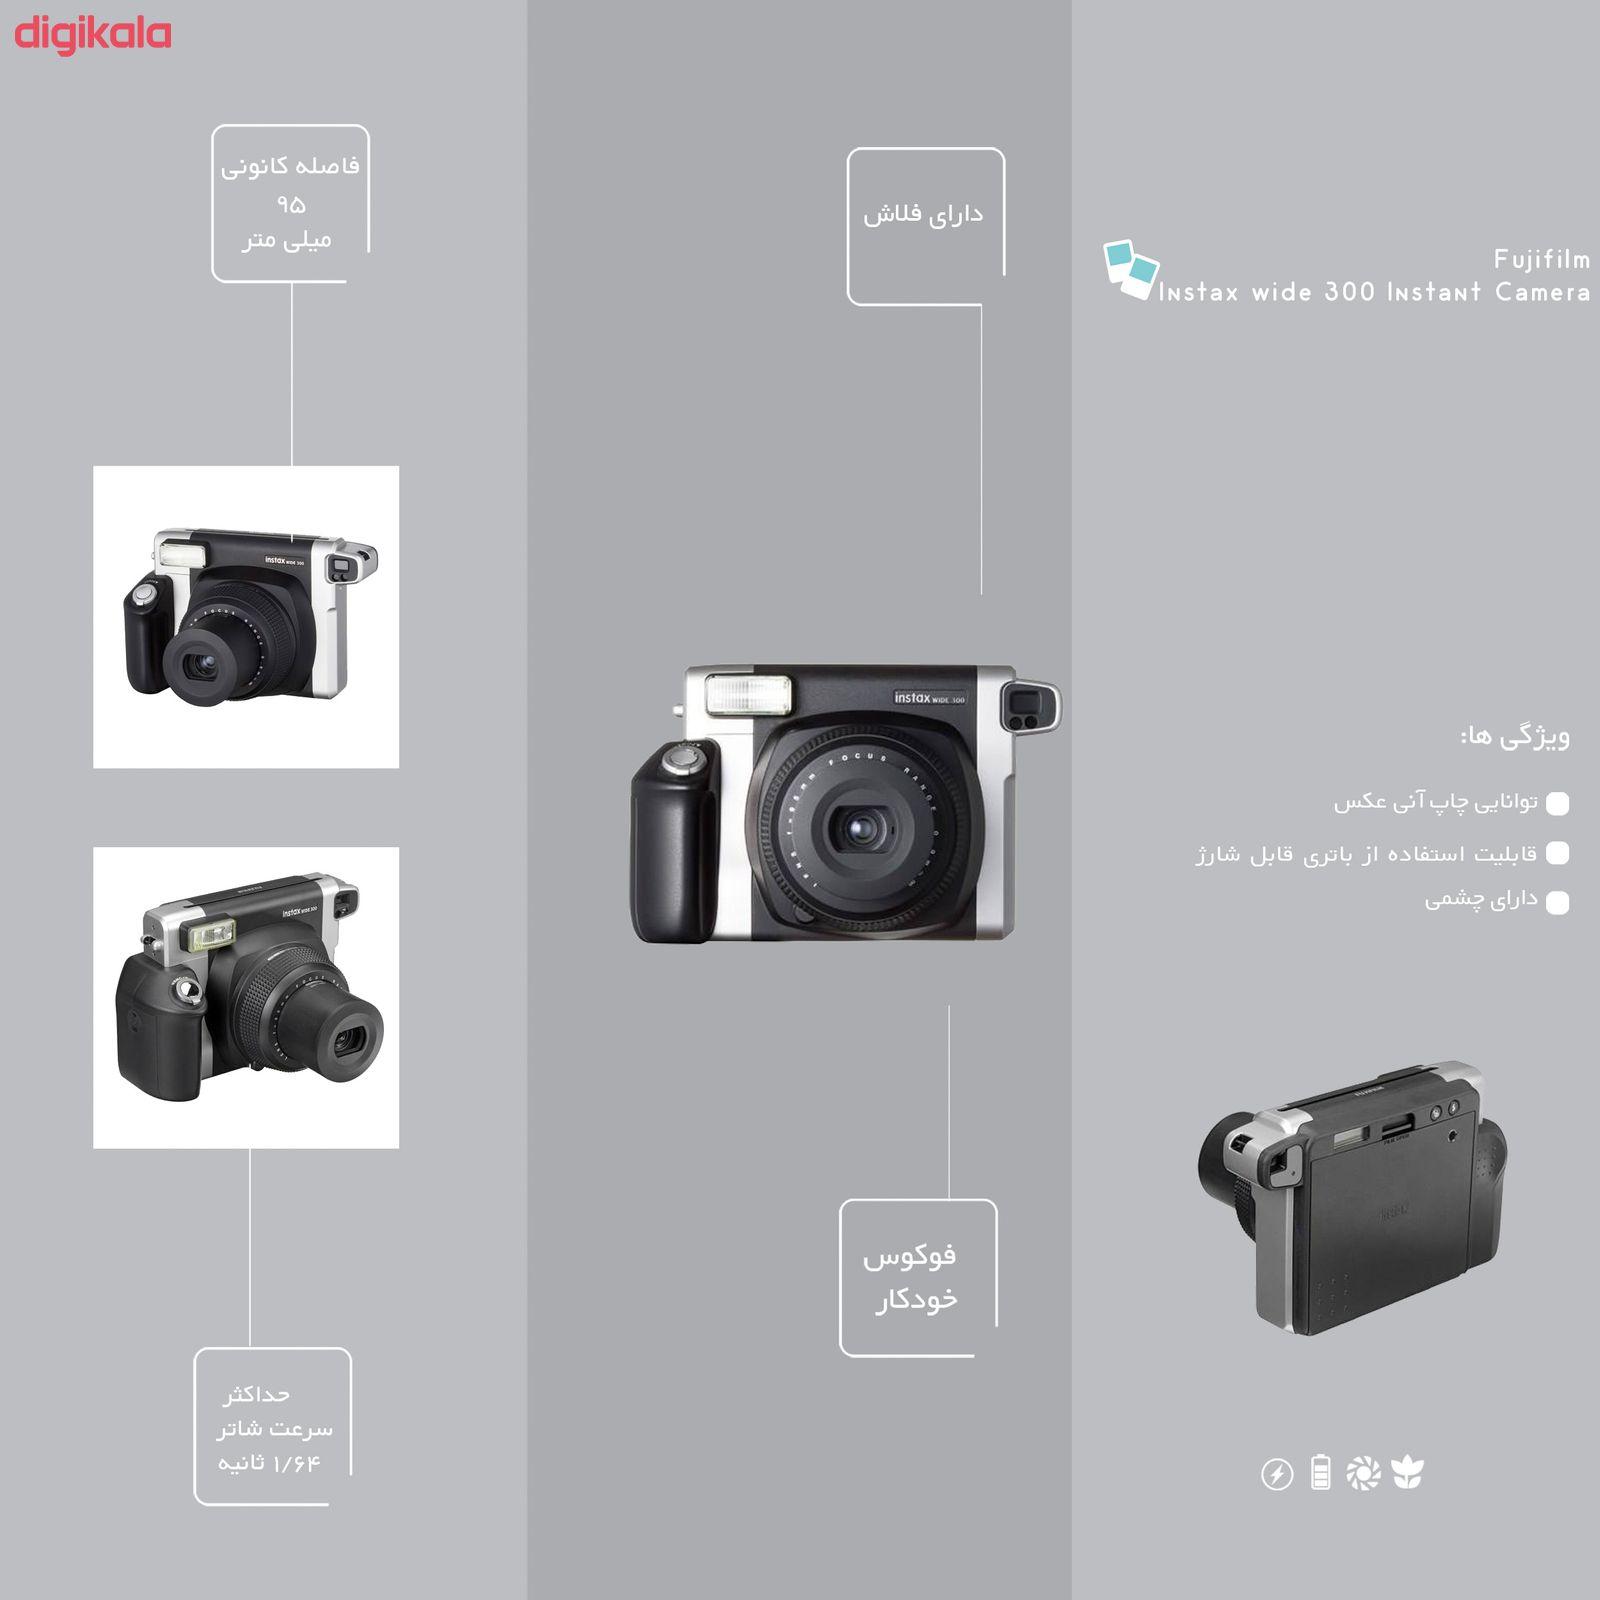 دوربین عکاسی چاپ سریع فوجی فیلم مدل Instax wide 300 main 1 10